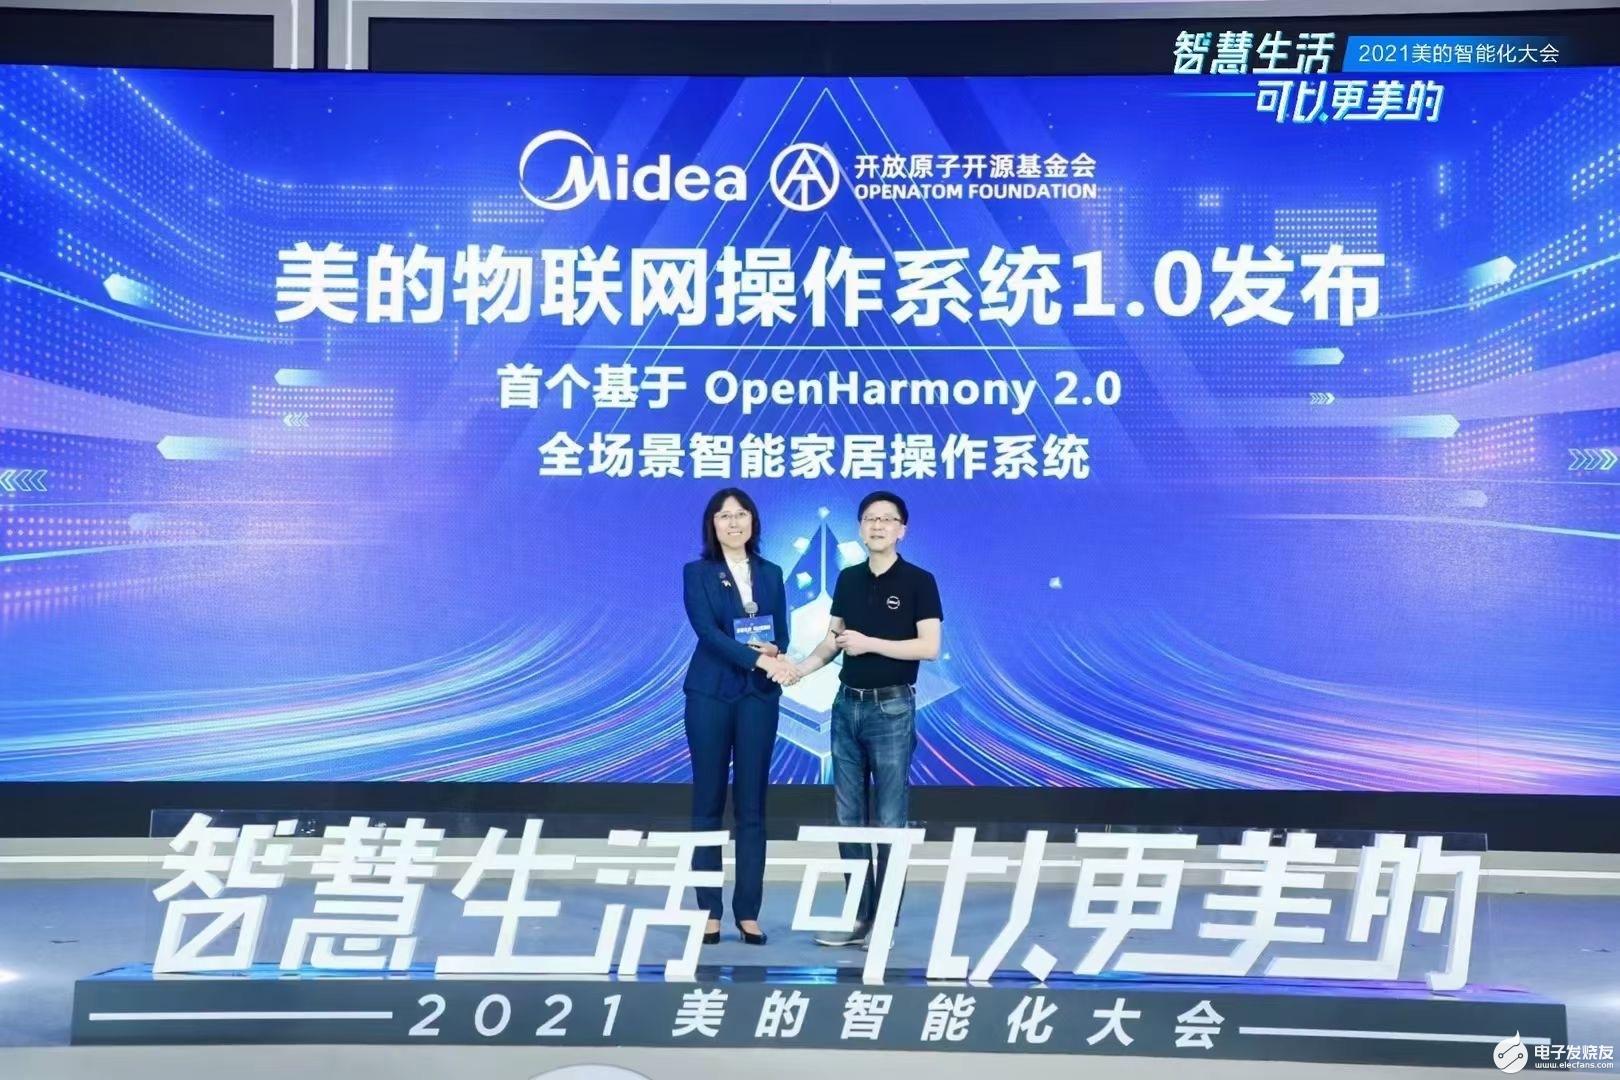 【有奖话题】首个除华为外基于OpenHarmony 2.0的物联网操作系统诞生